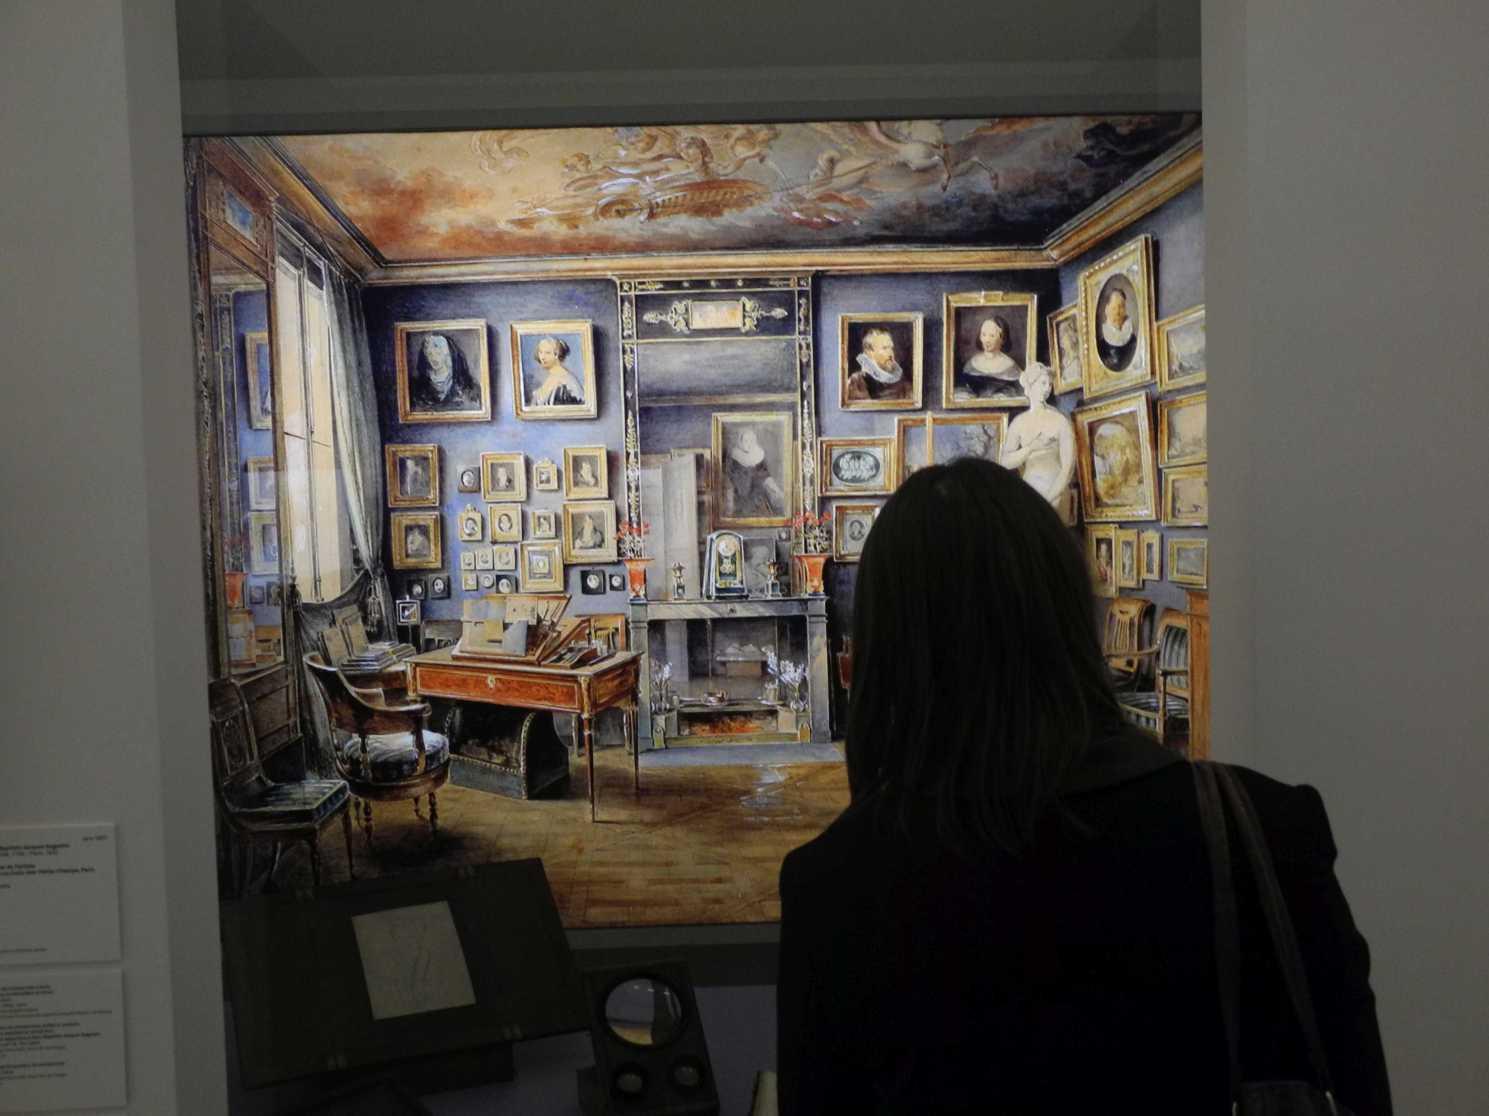 Blick in das Atelier eines Miniaturenmalers, keine Staffelei, ein Tischchen reicht